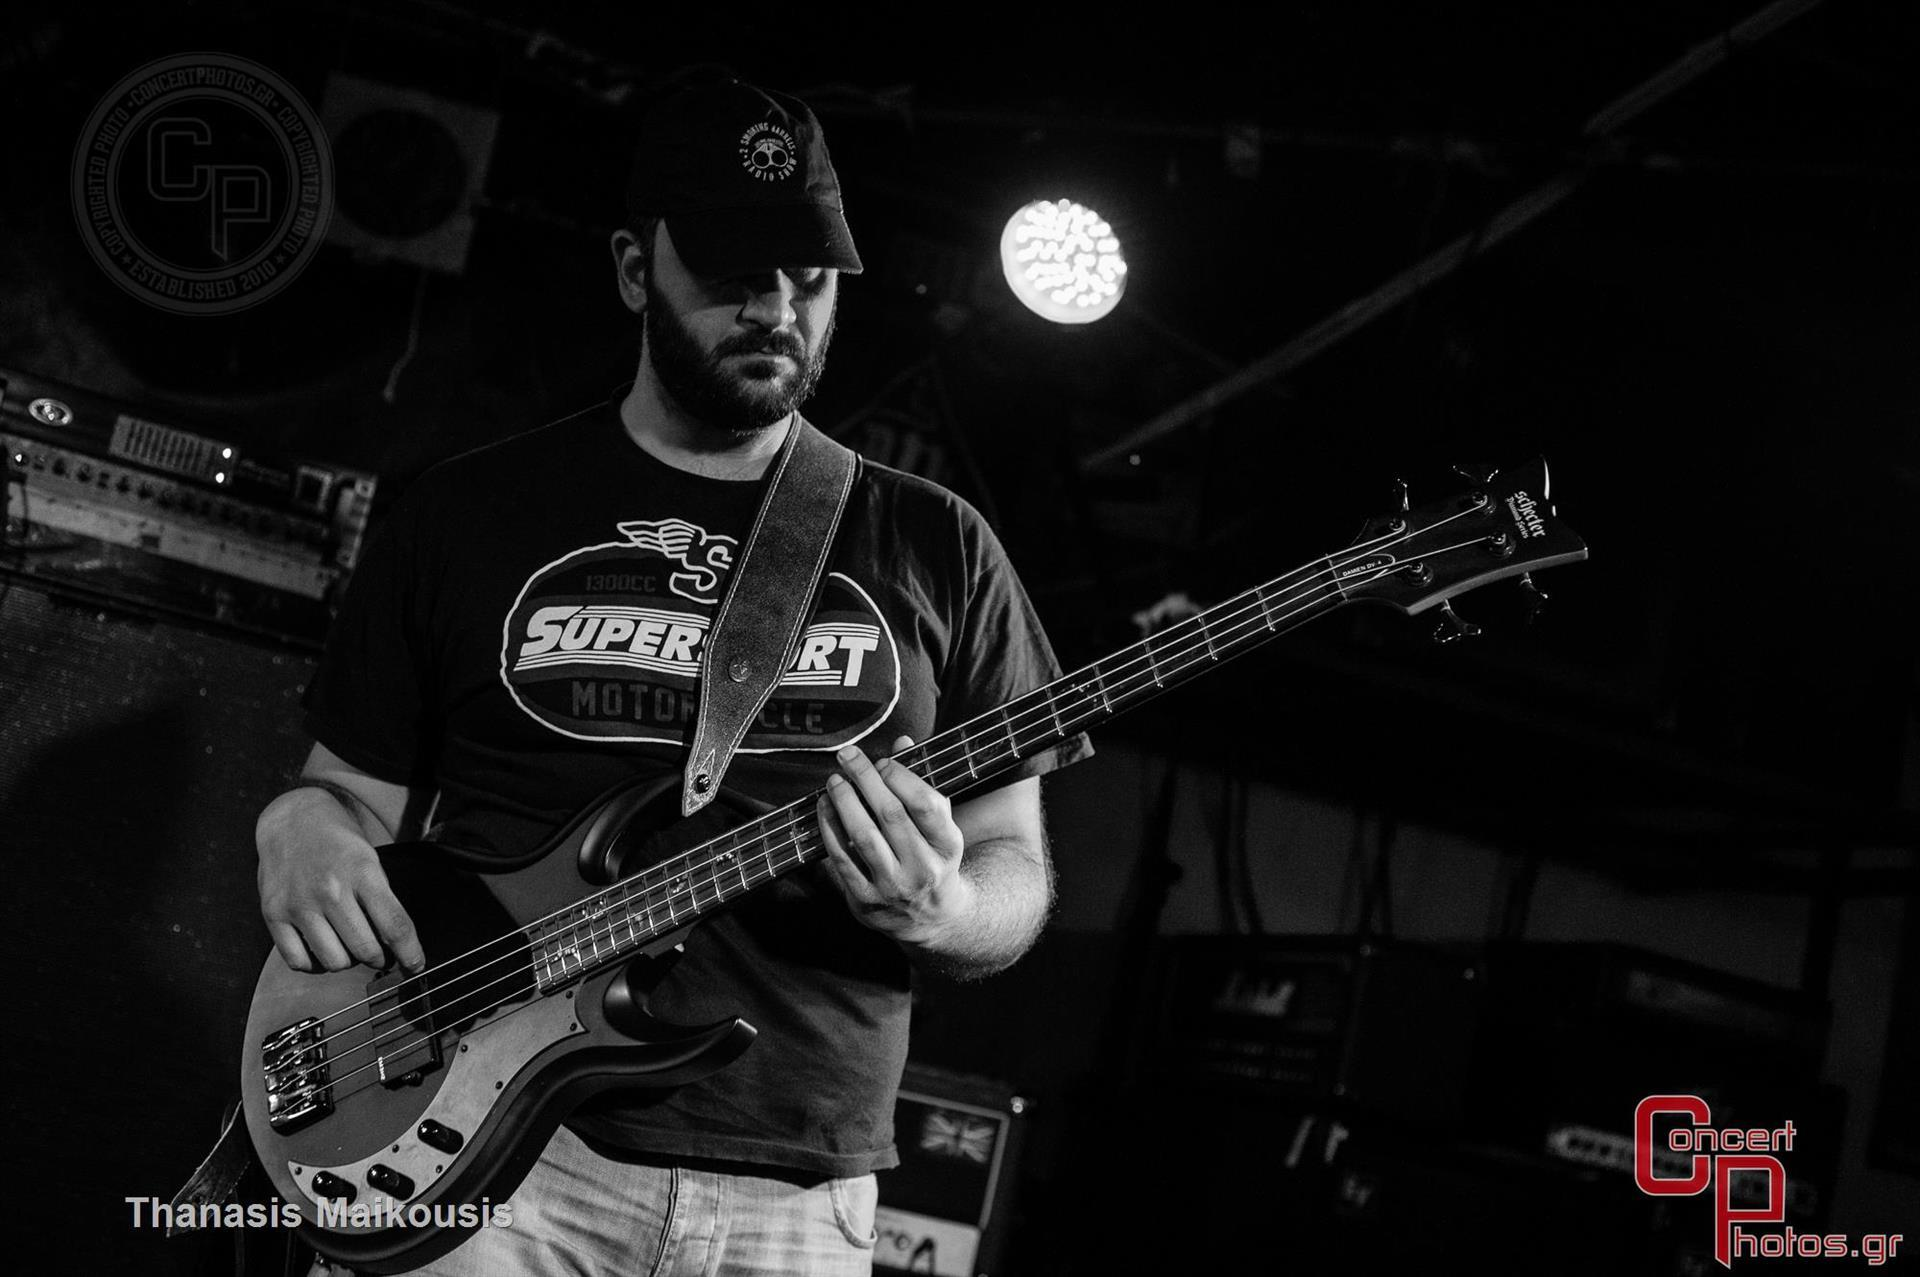 Battle Of The Bands Leg 5-Battle Of The Bands Leg 4 photographer: Thanasis Maikousis - ConcertPhotos - 20150315_2142_41